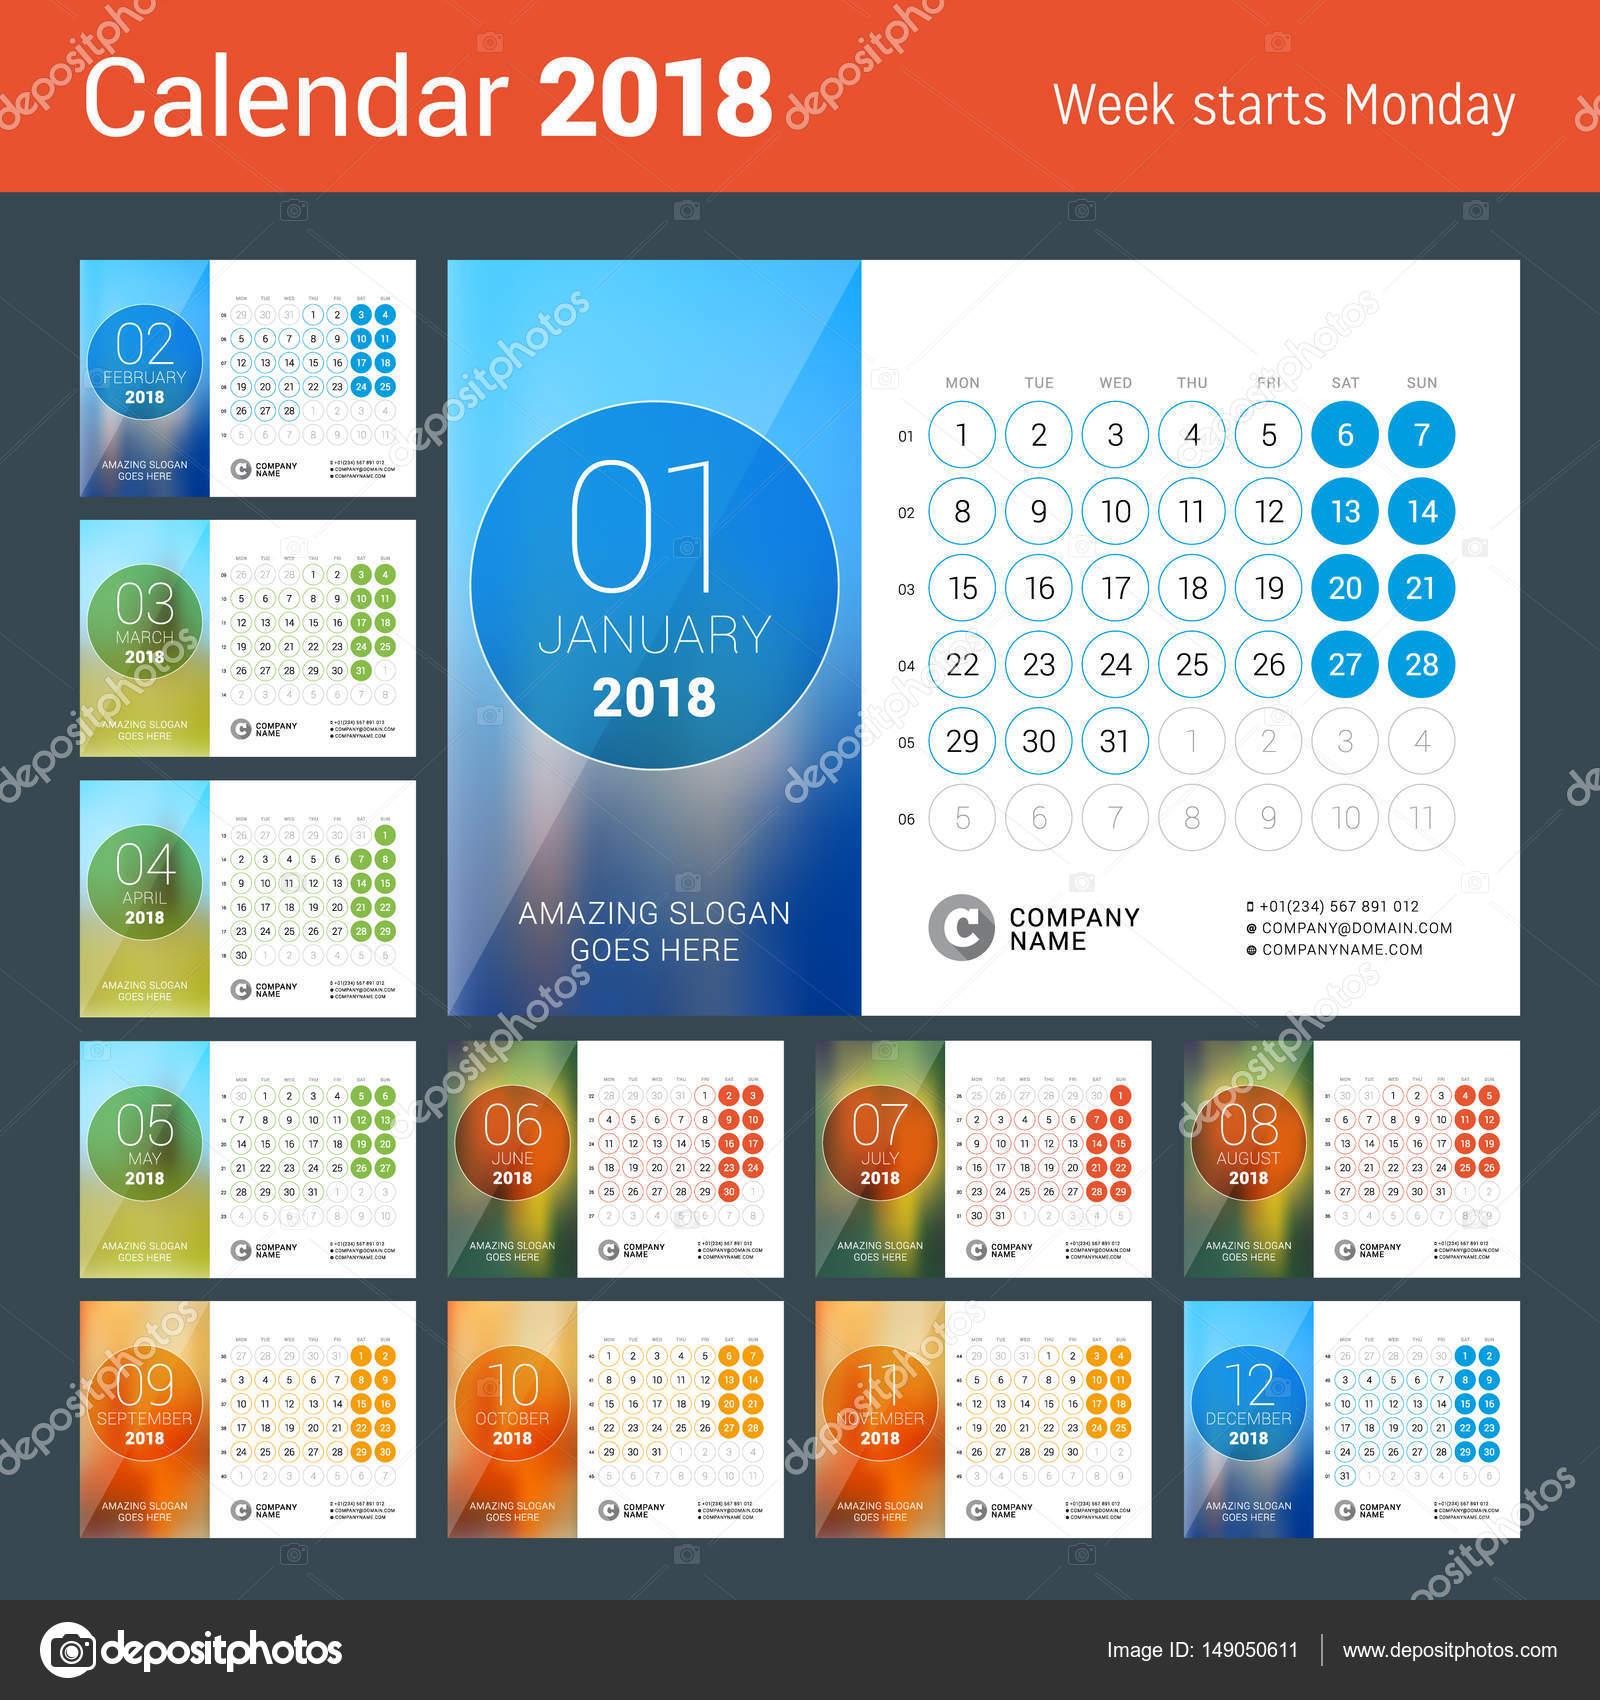 Calendario da tavolo per anno 2018 modello stampa di disegno vettoriale con posto per foto - Calendari da tavolo con foto ...